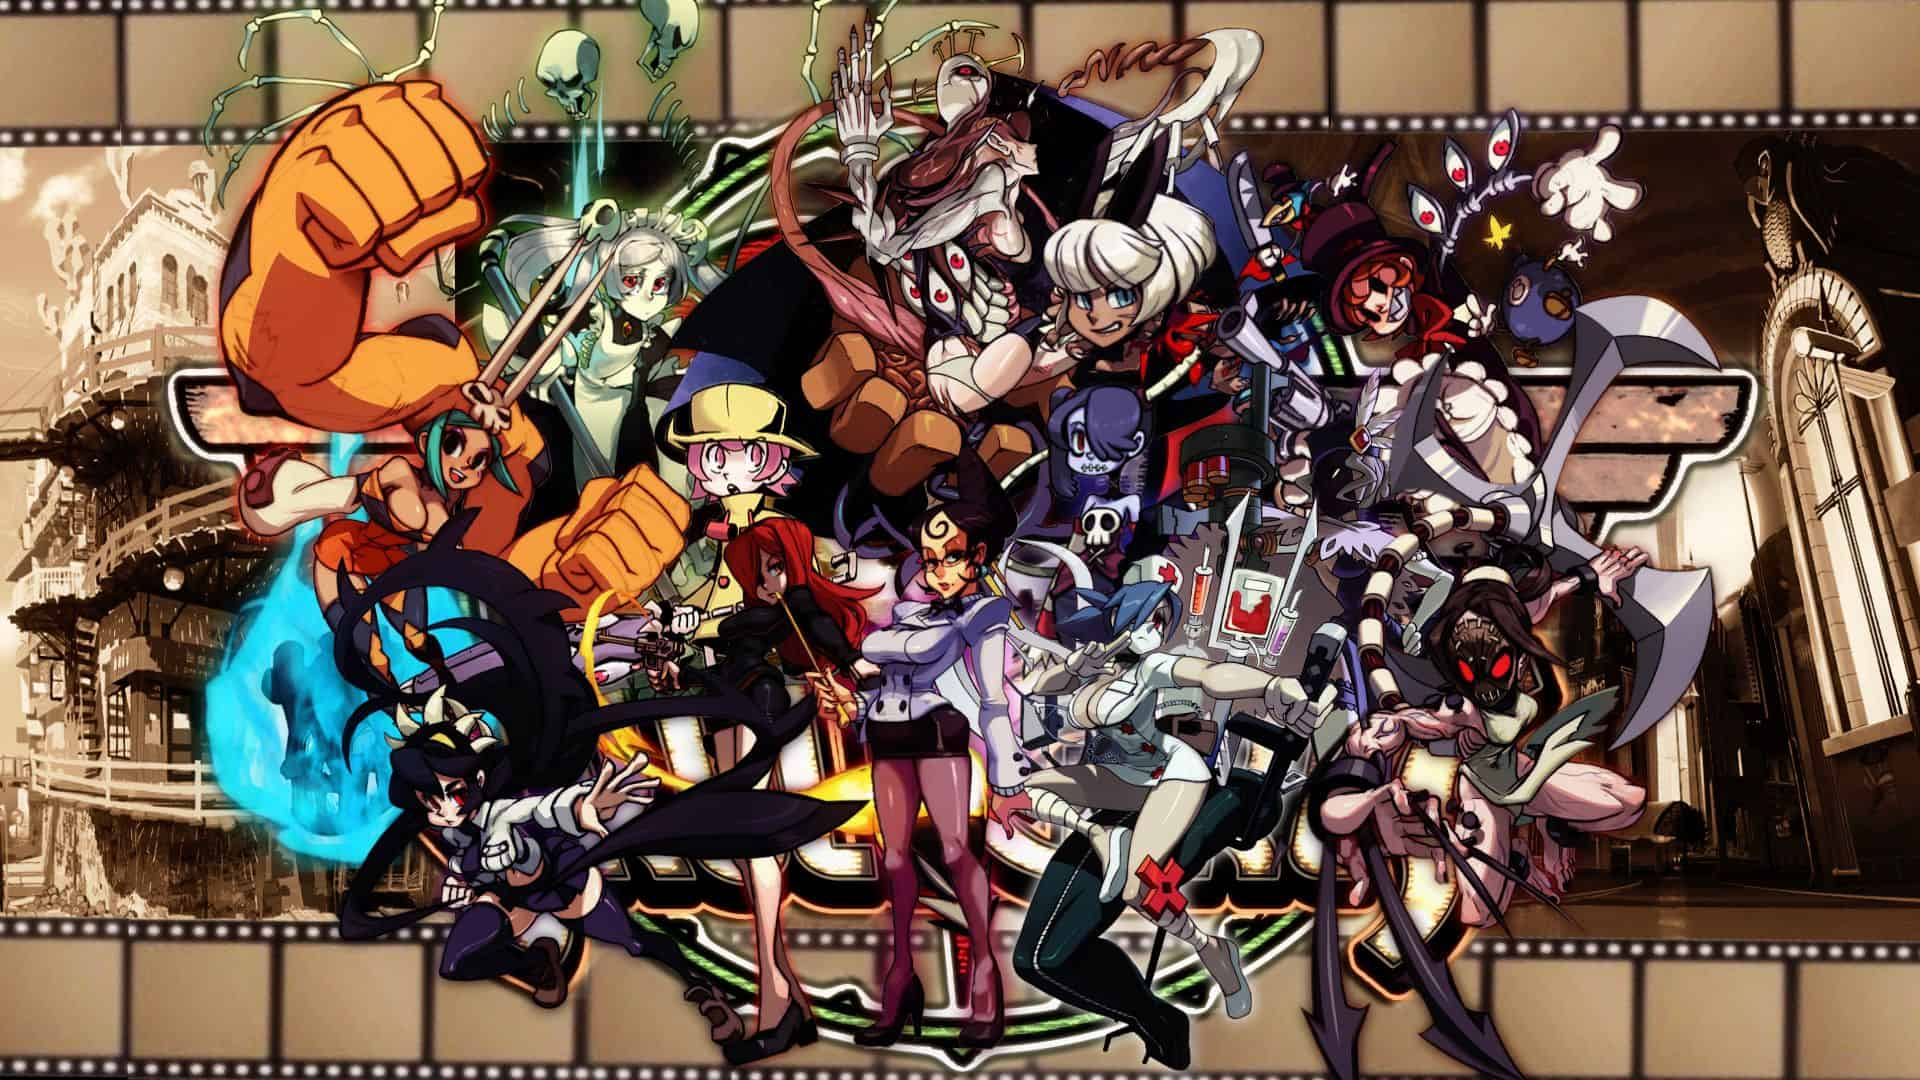 Best Fighting Games - Skull Girls